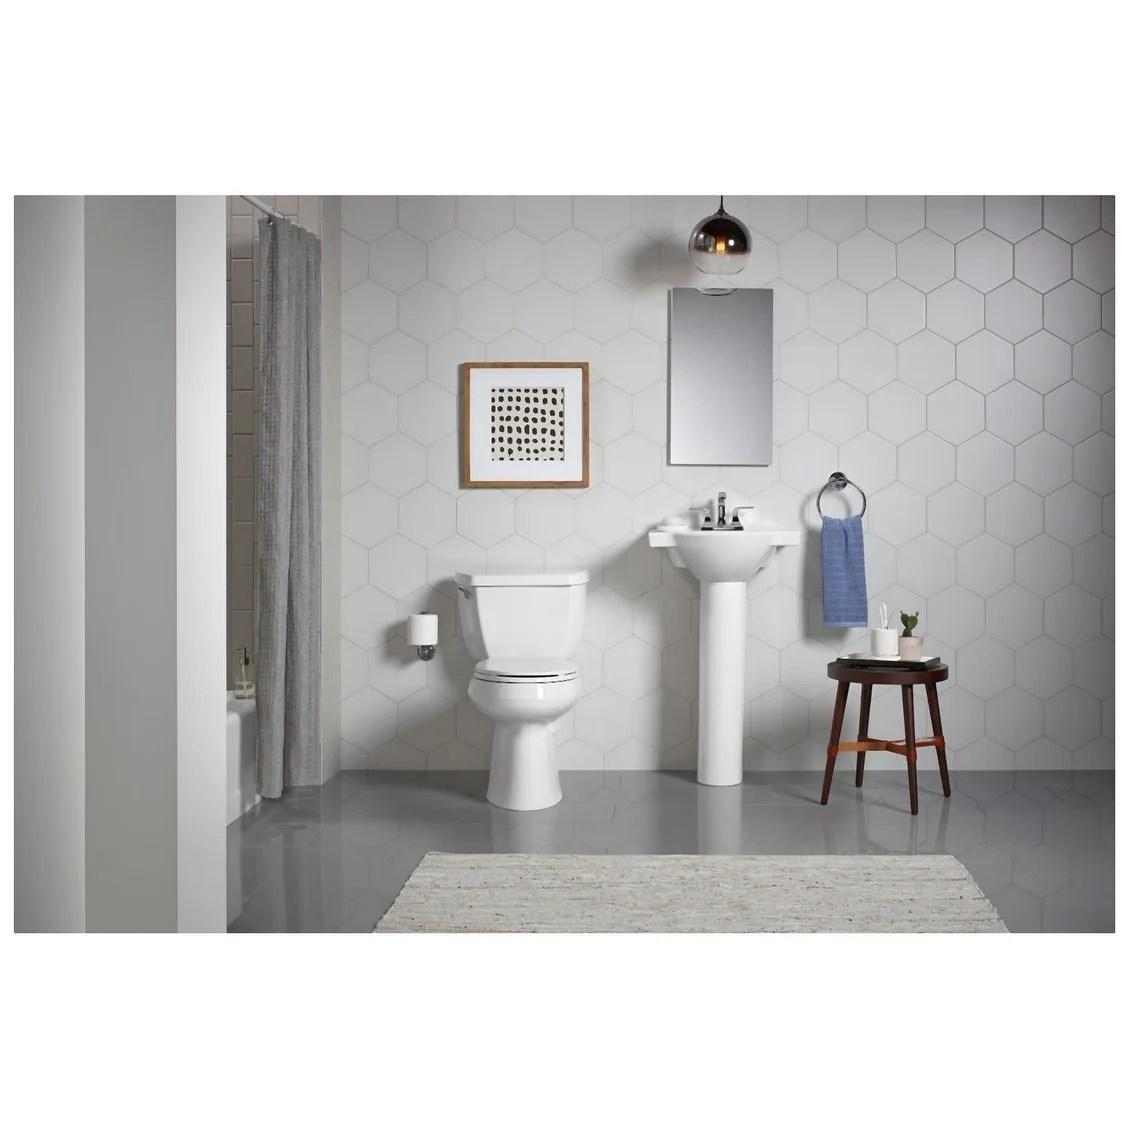 kohler k 5247 4 veer 21 pedestal bathroom sink with three holes